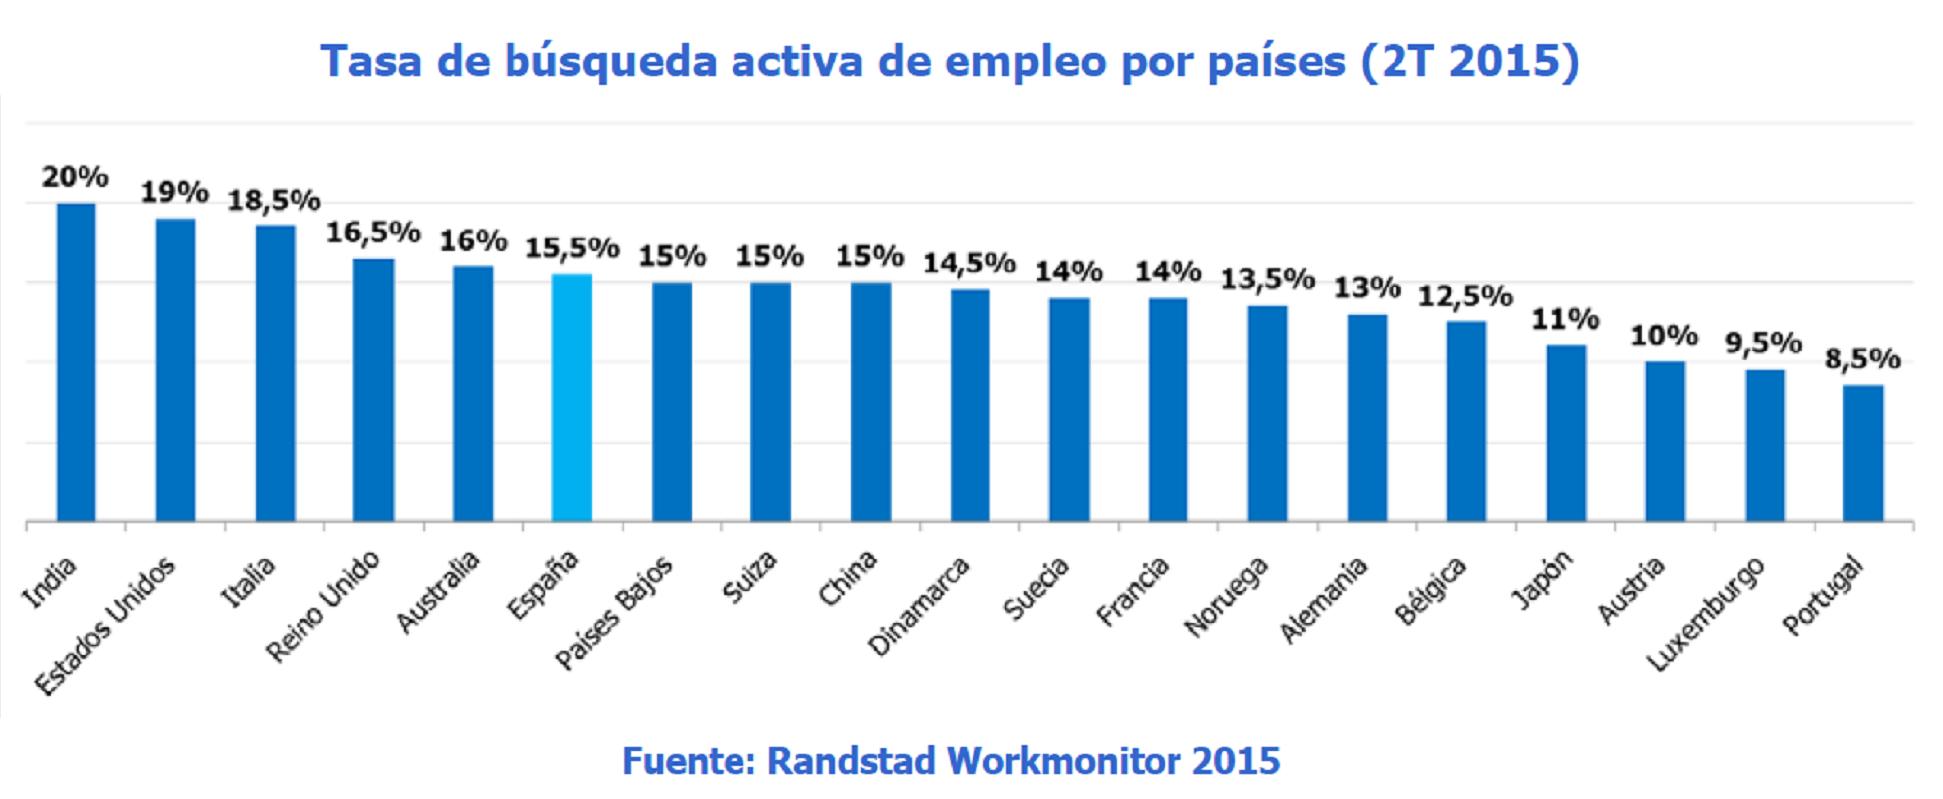 Tasa de búsqueda activa de empleo por países (2T 2015)